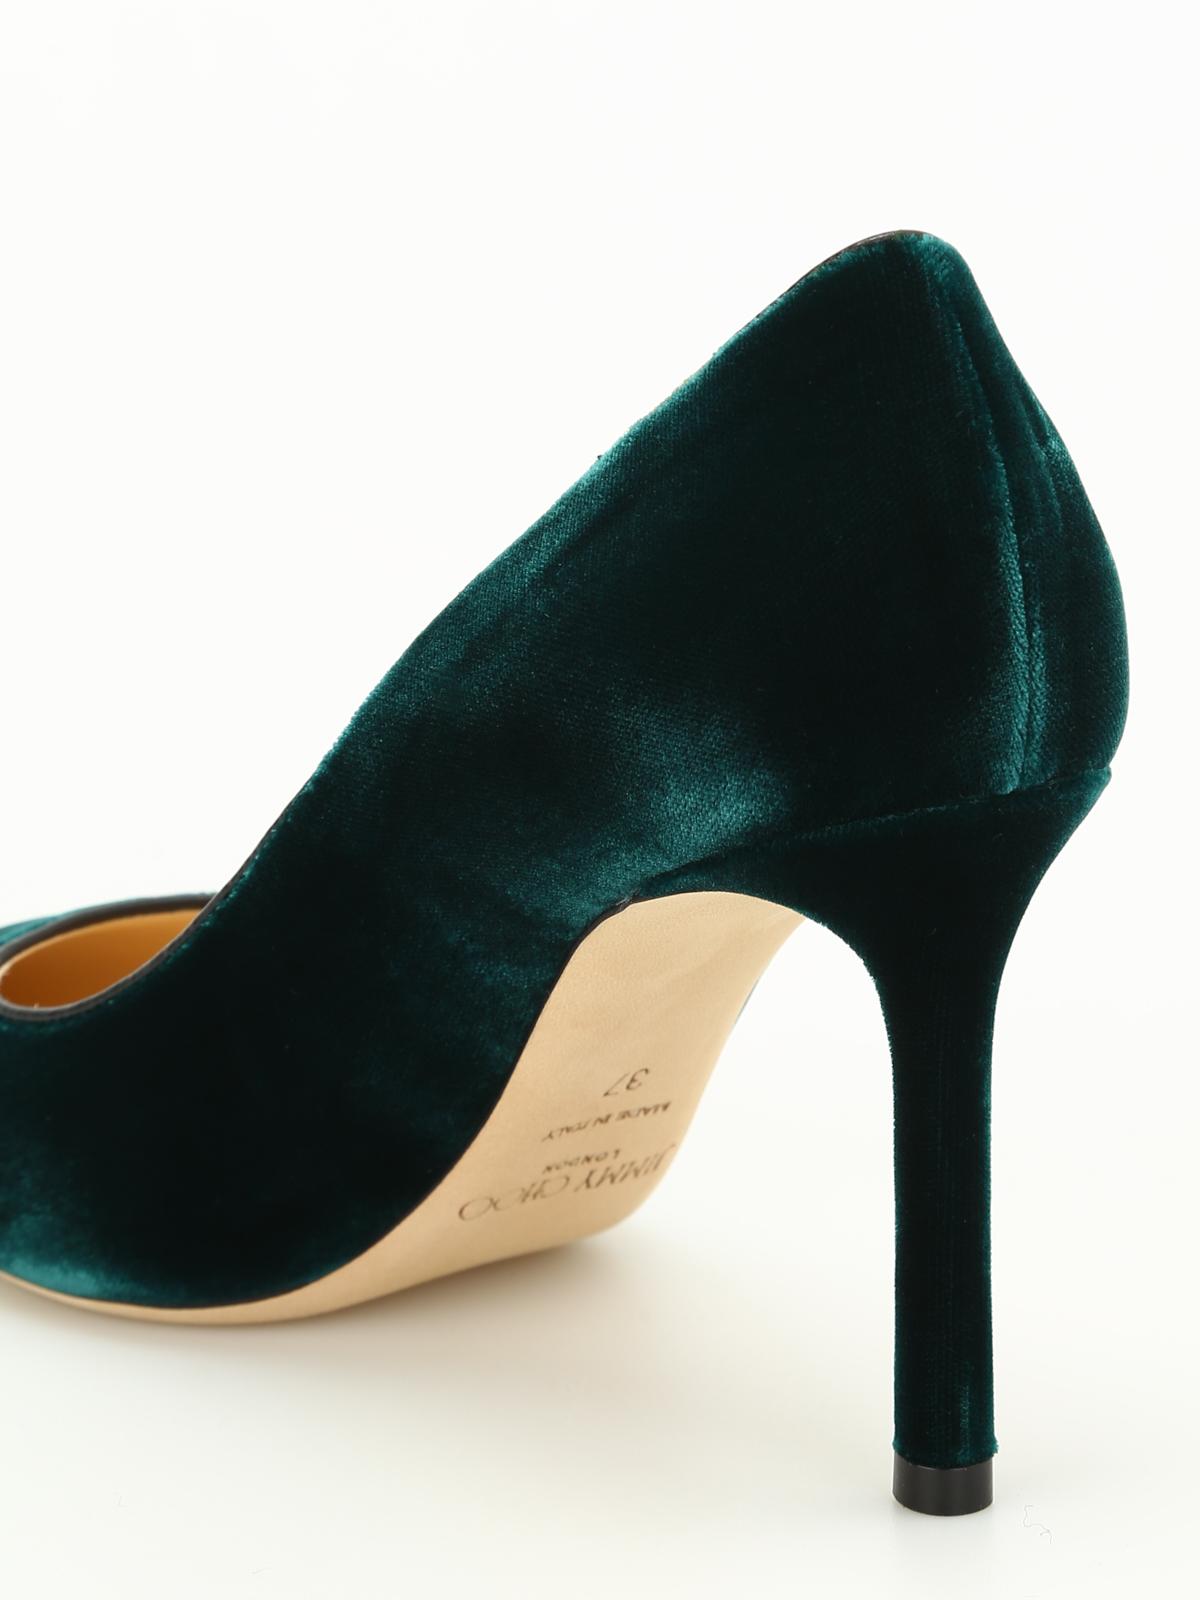 615fbd9eab9 Jimmy Choo - Romy 85 velvet pumps - court shoes - ROMY 85 VEL BOTTLE ...